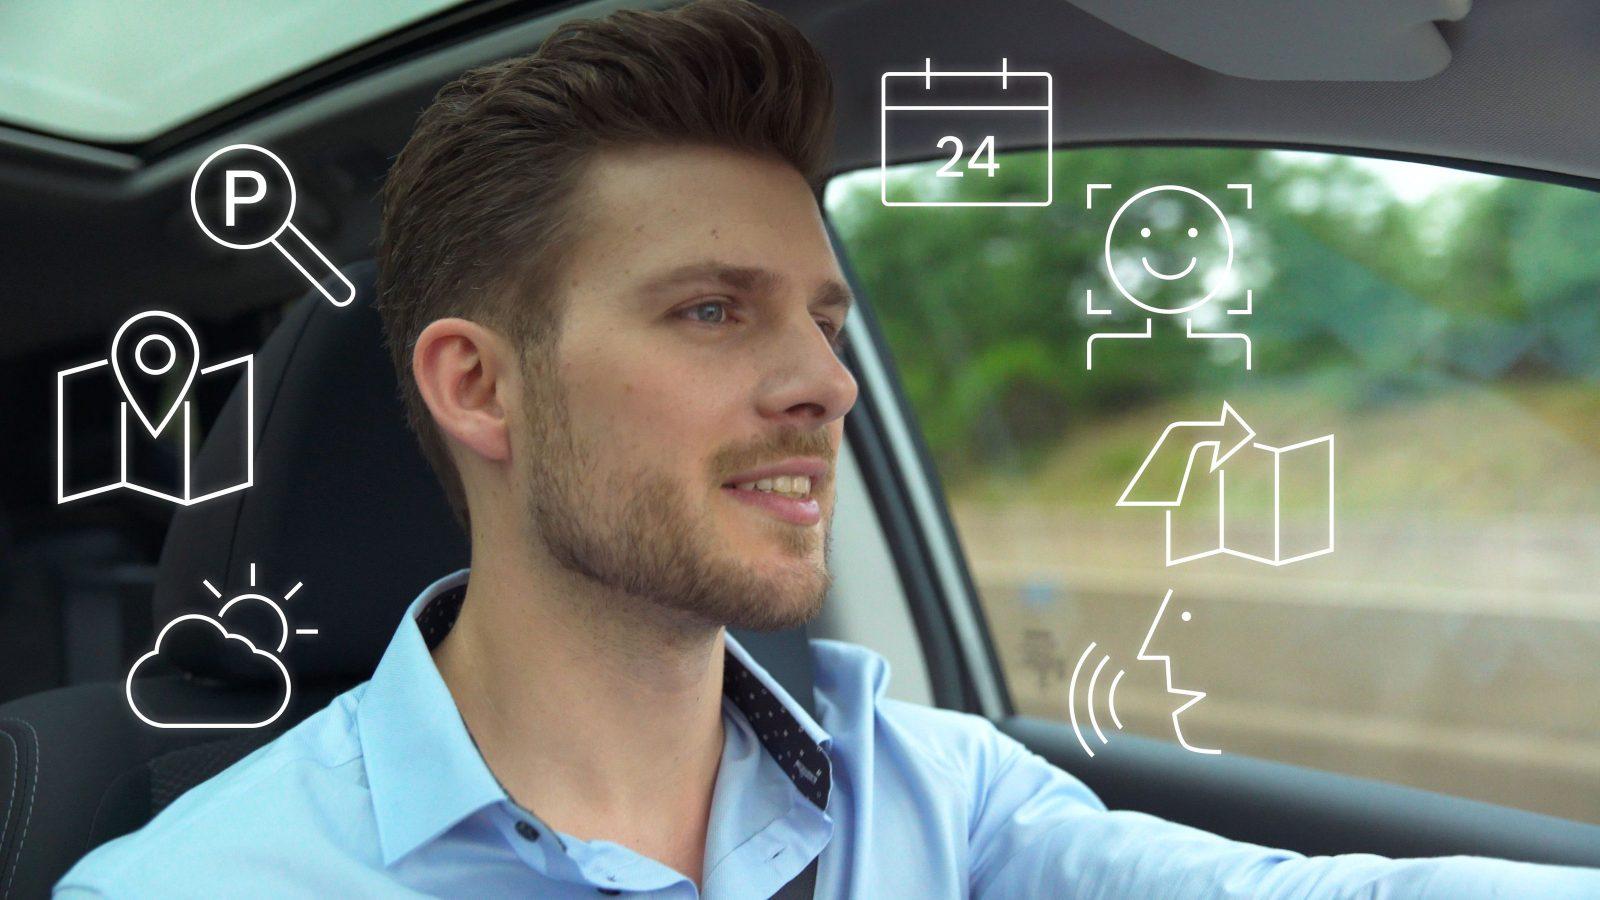 Голосовое управление автомобилем.